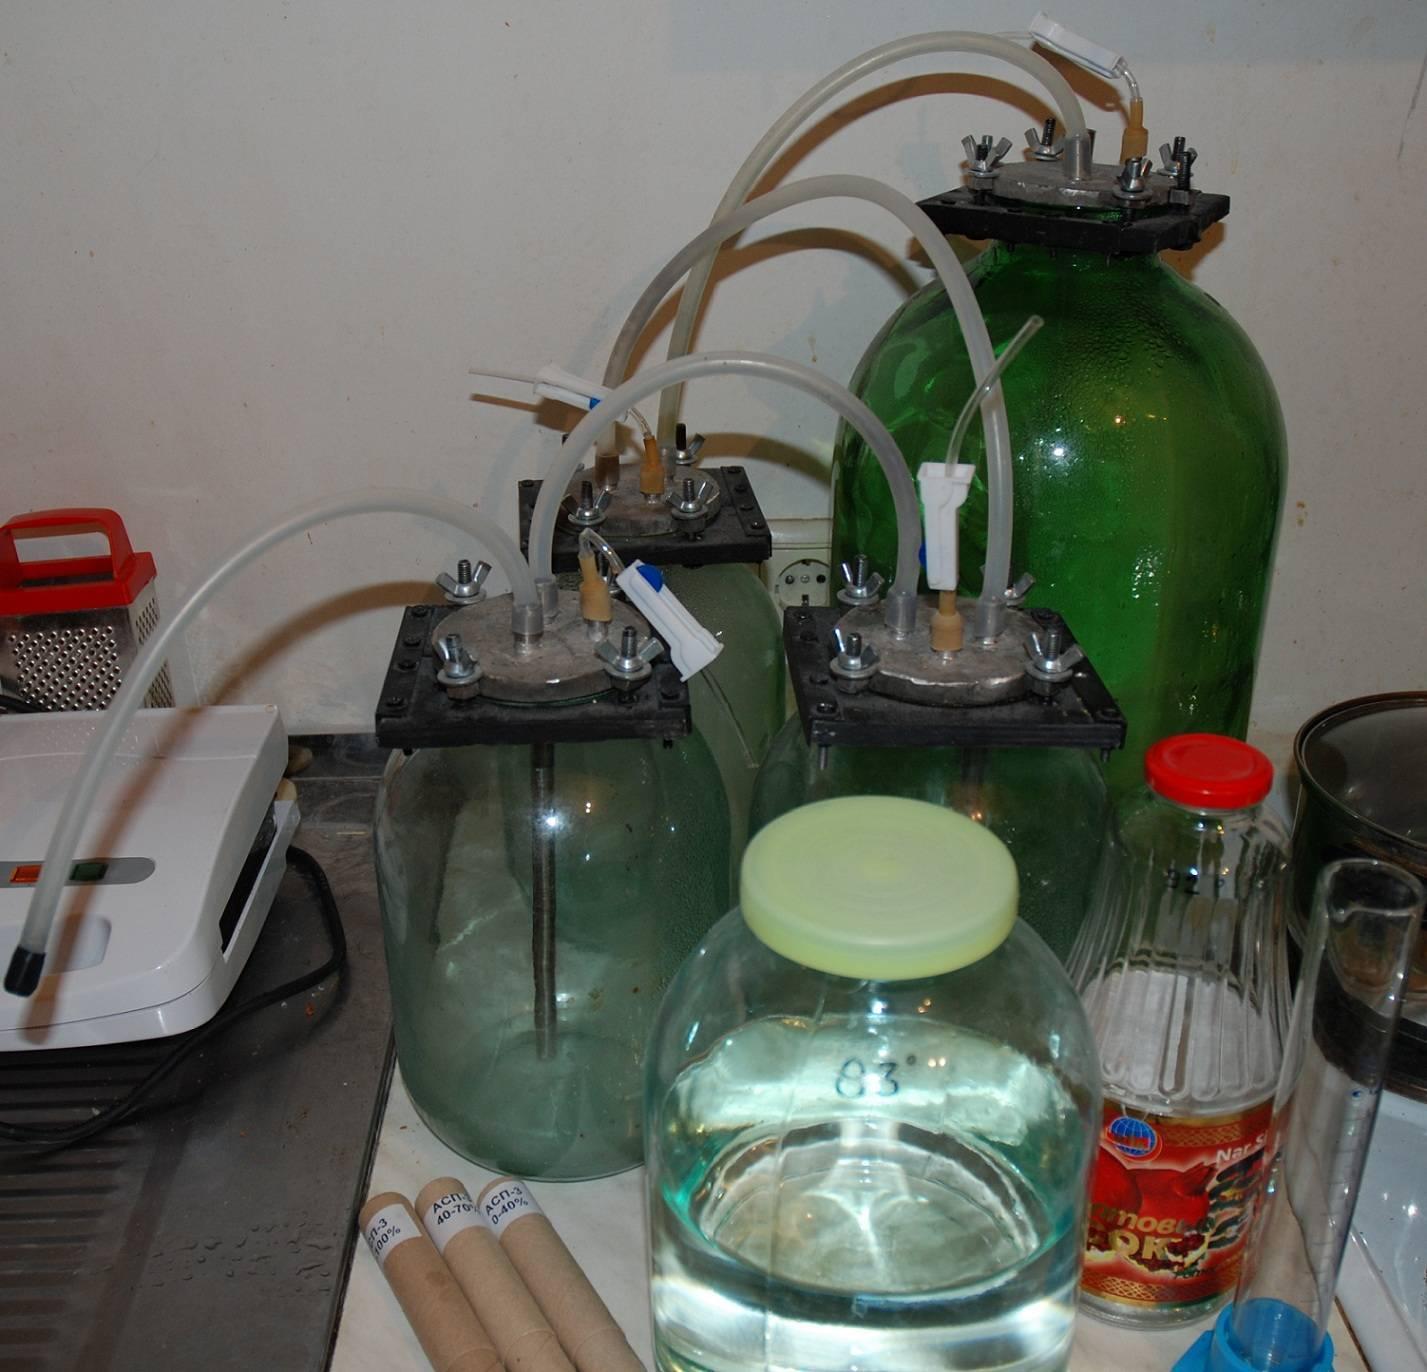 Рецепты браги для самогона и приготовление в домашних условиях